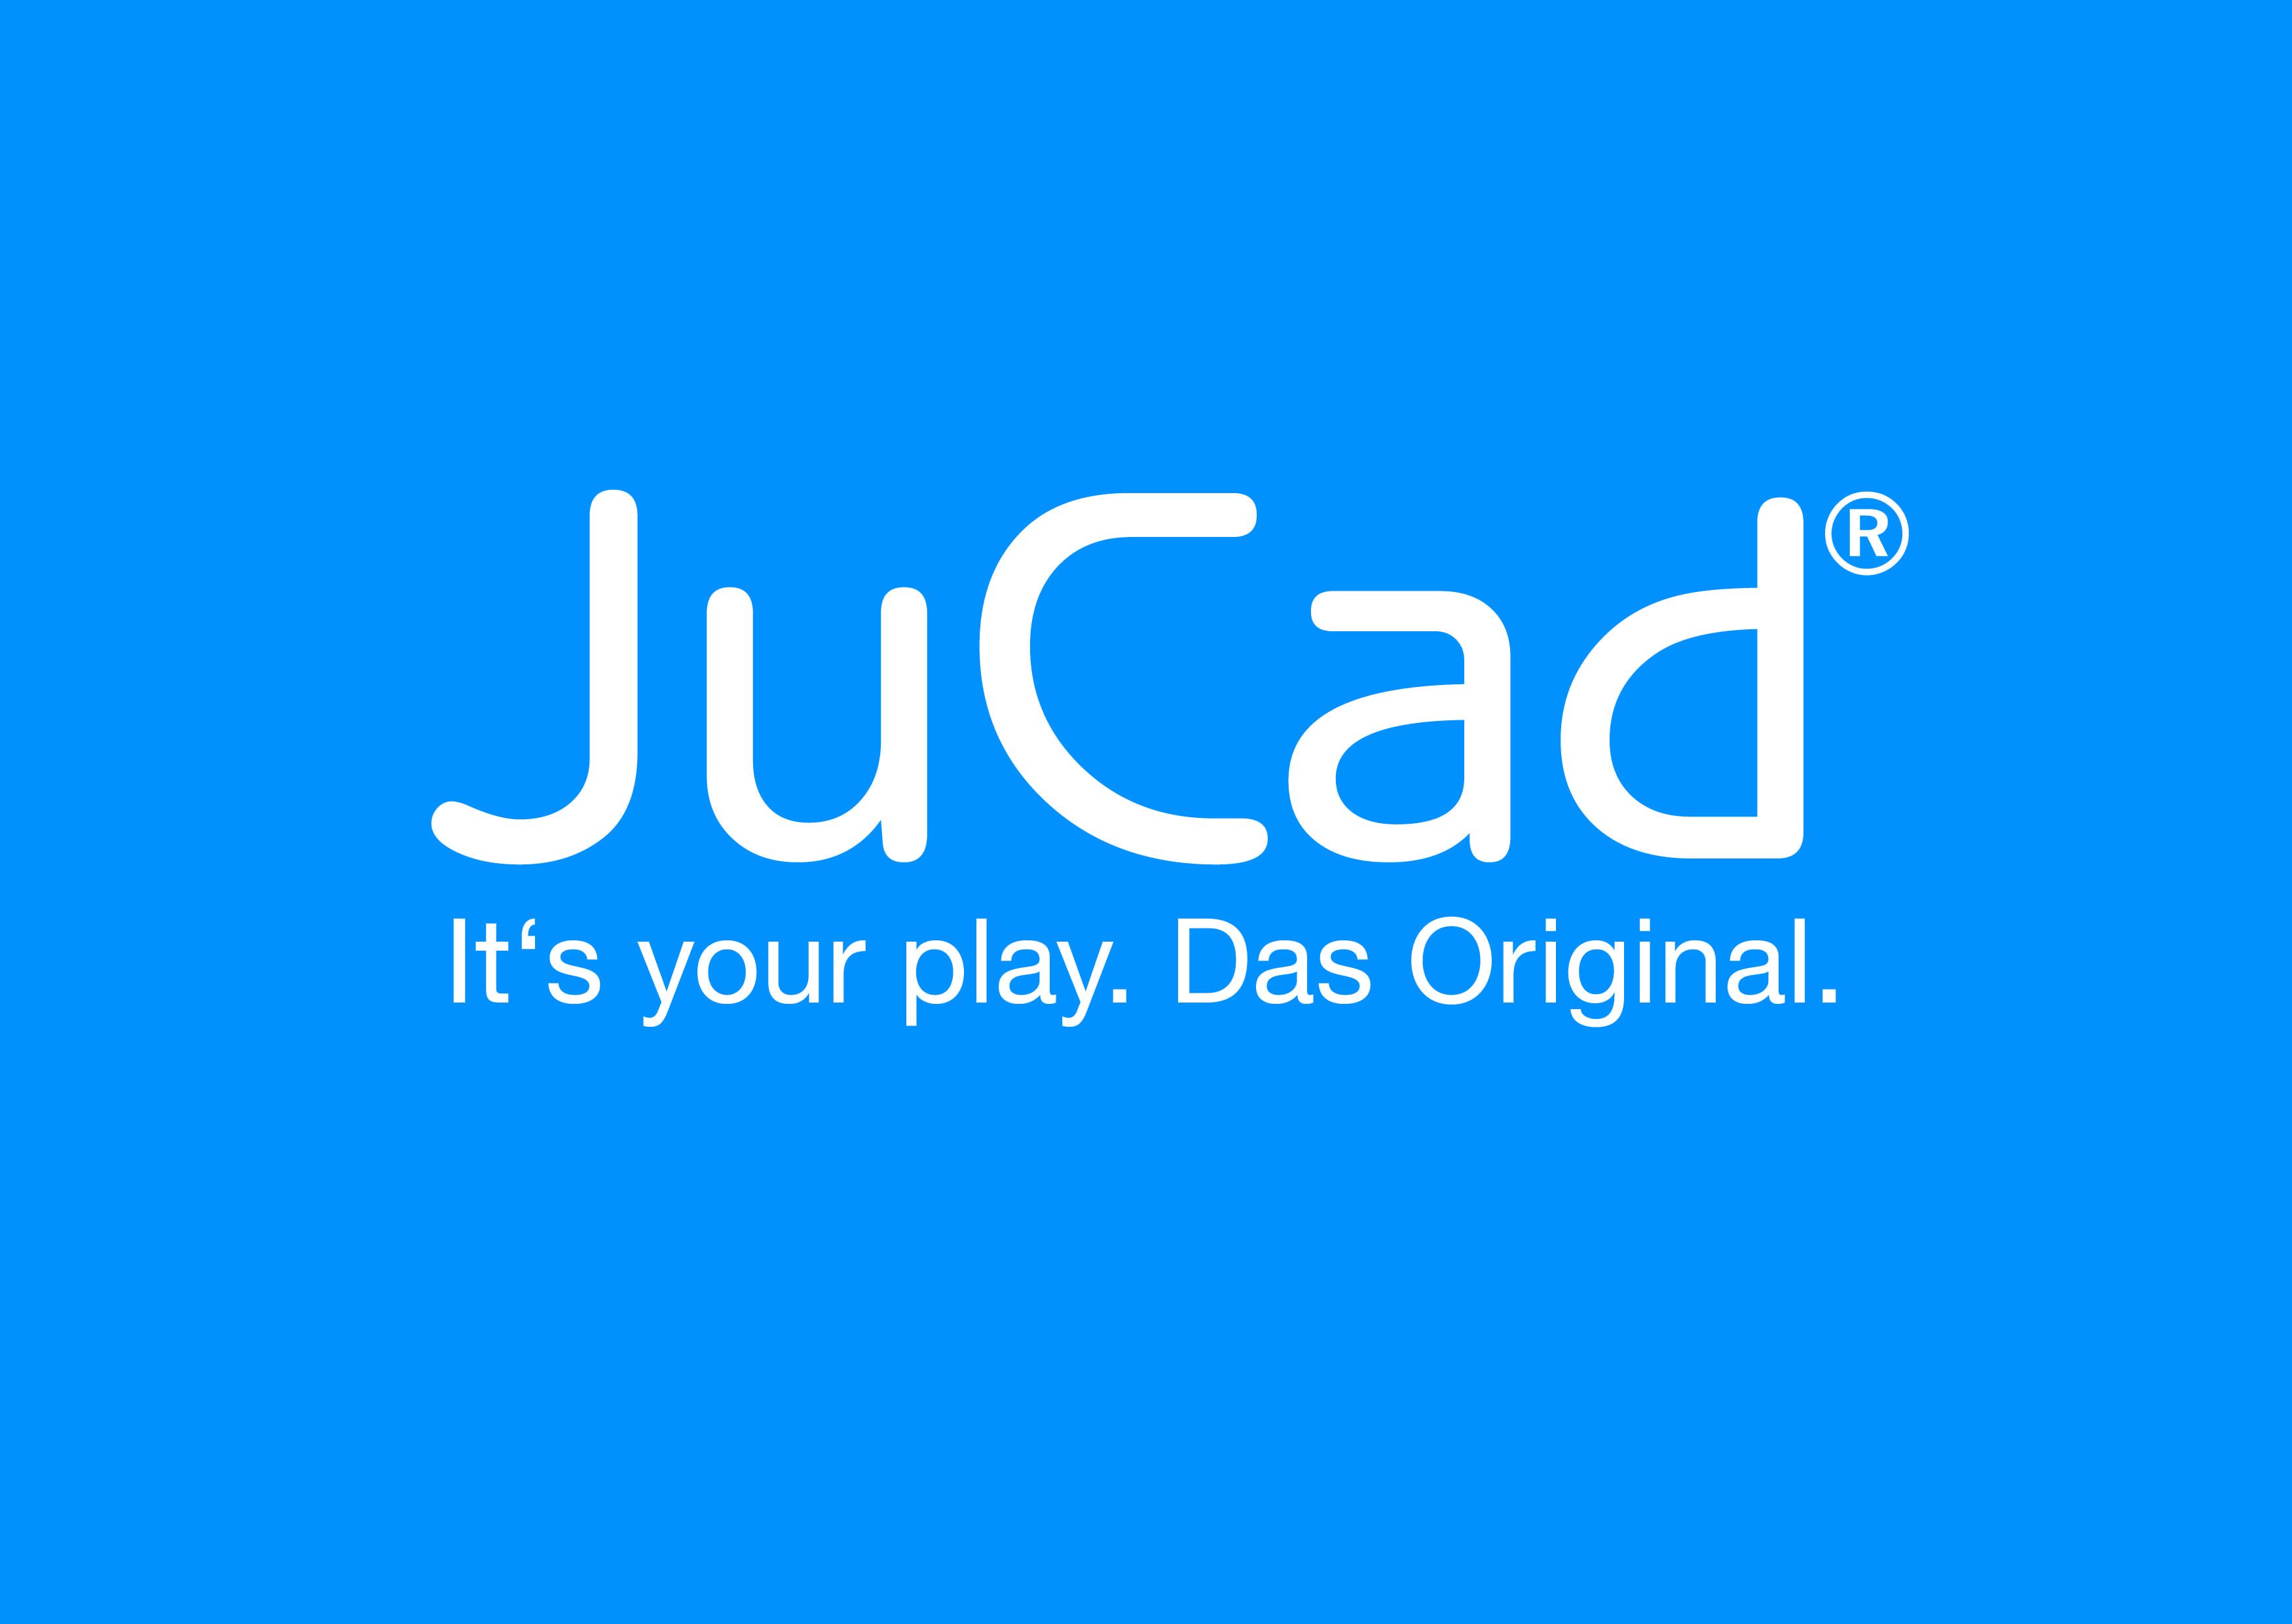 JuCad